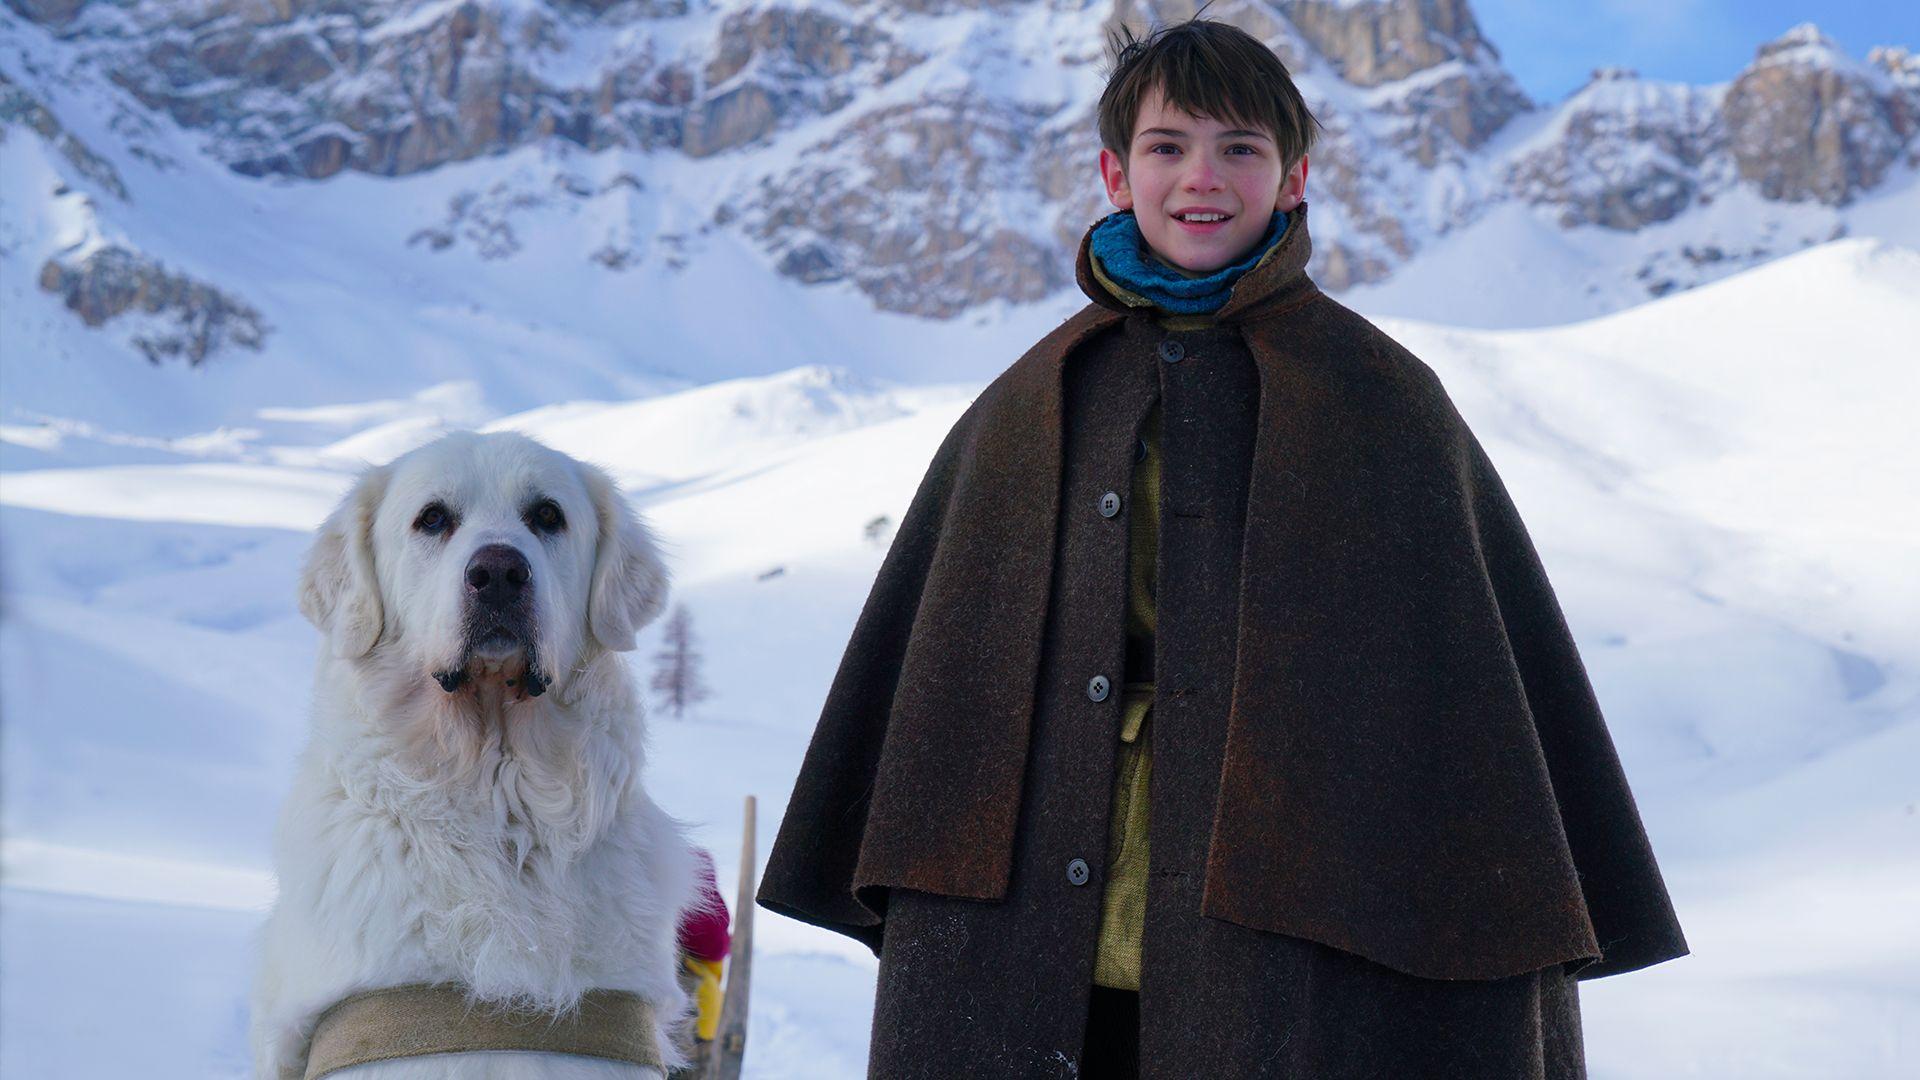 Belle et Sébastien 3 : le dernier chapitre dès le 23/12 sur Canal+ Family et myCANAL